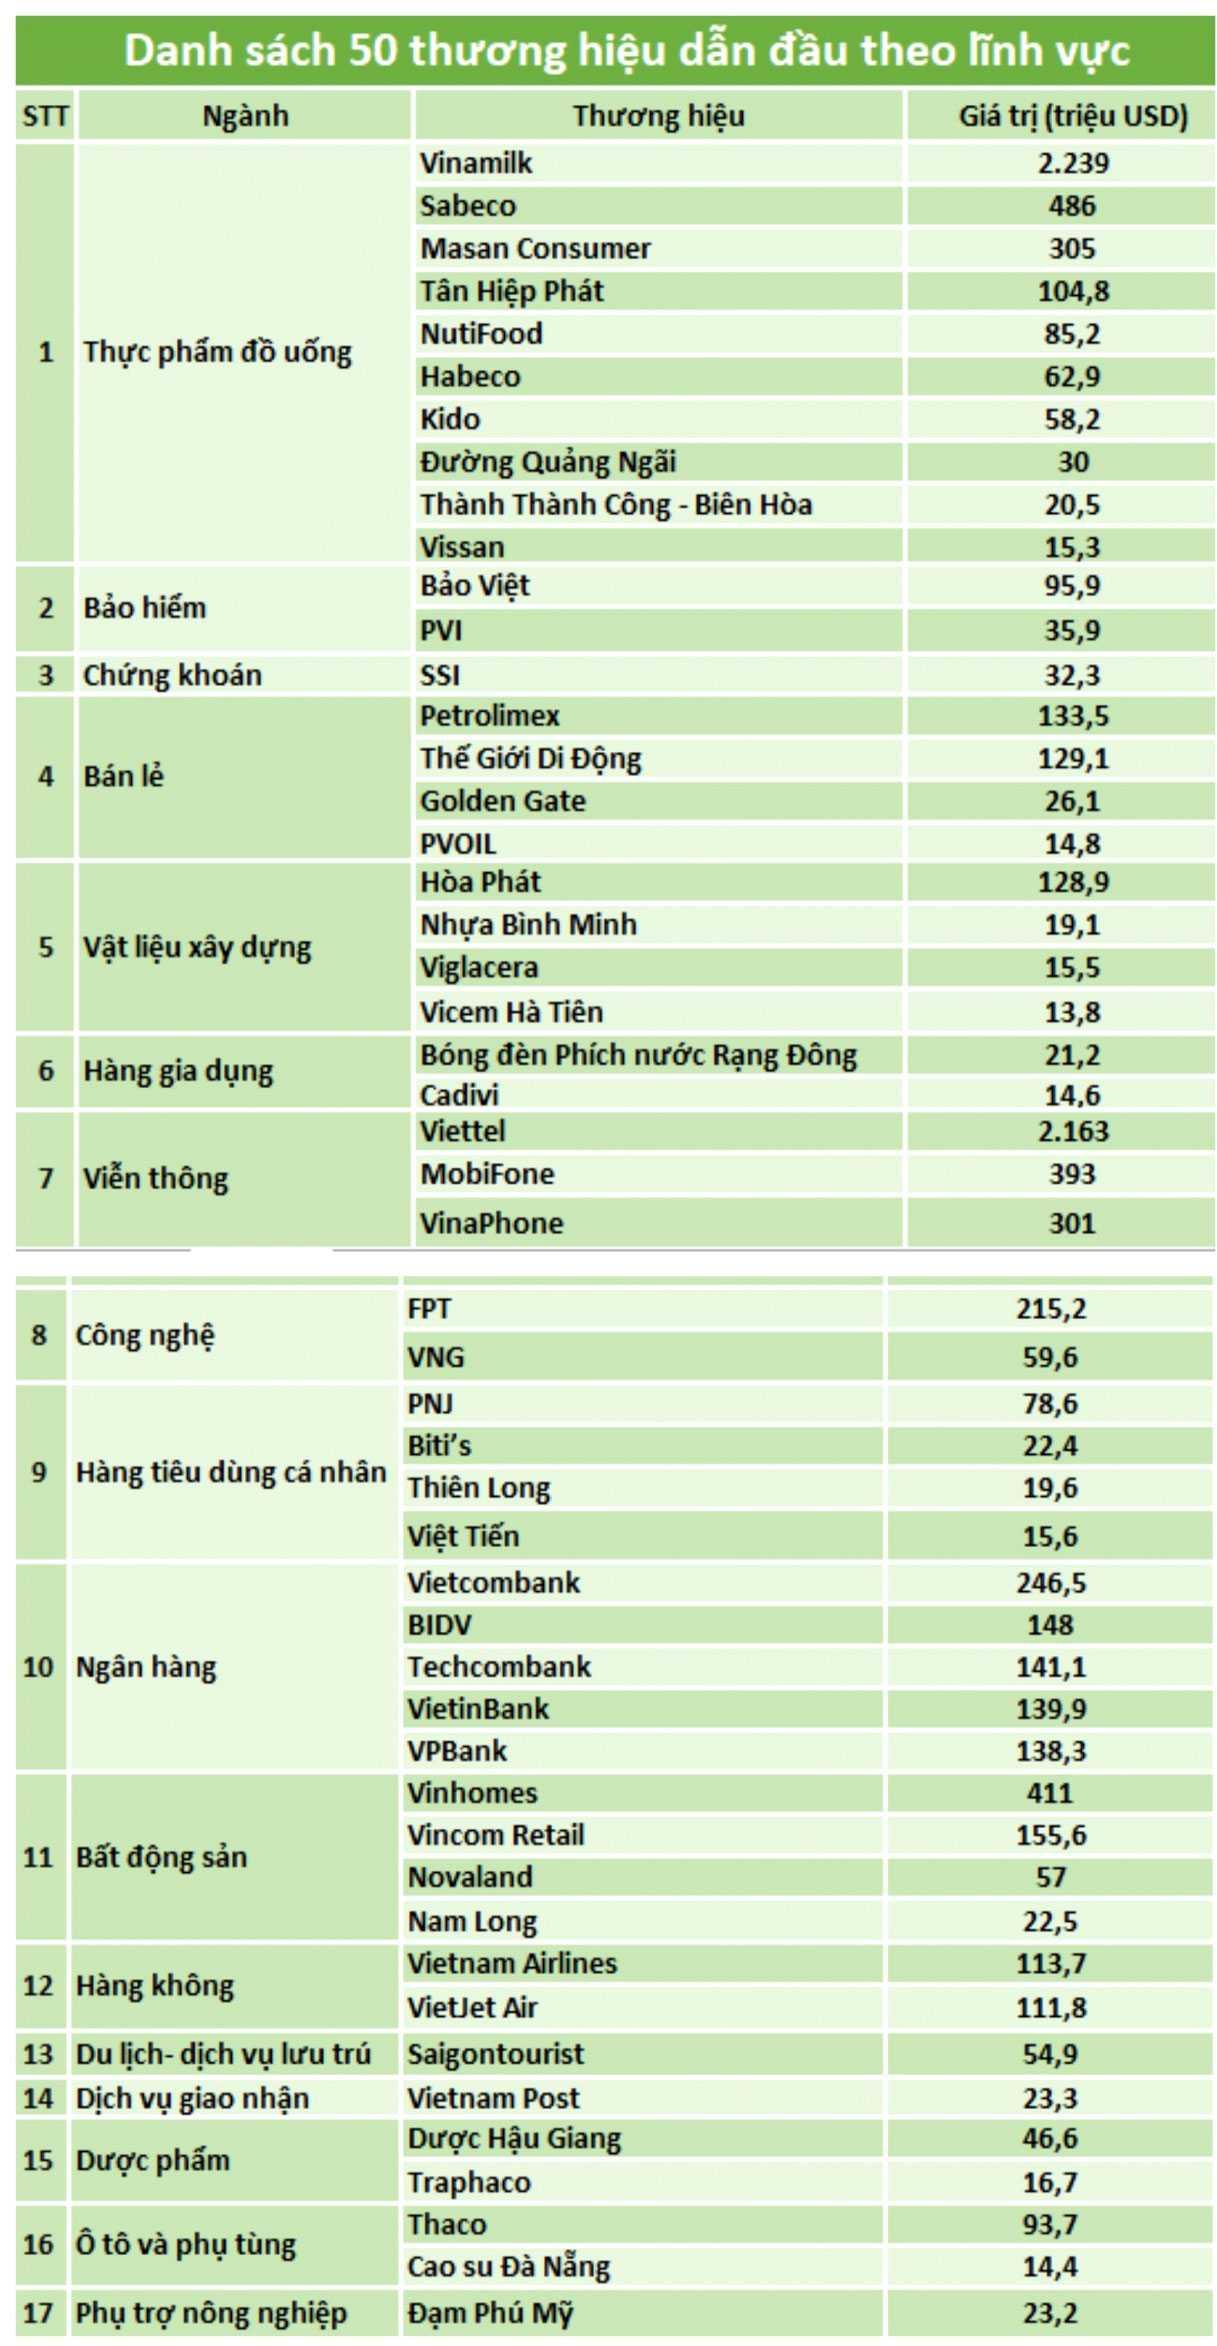 Top 50 thương hiệu Việt Nam